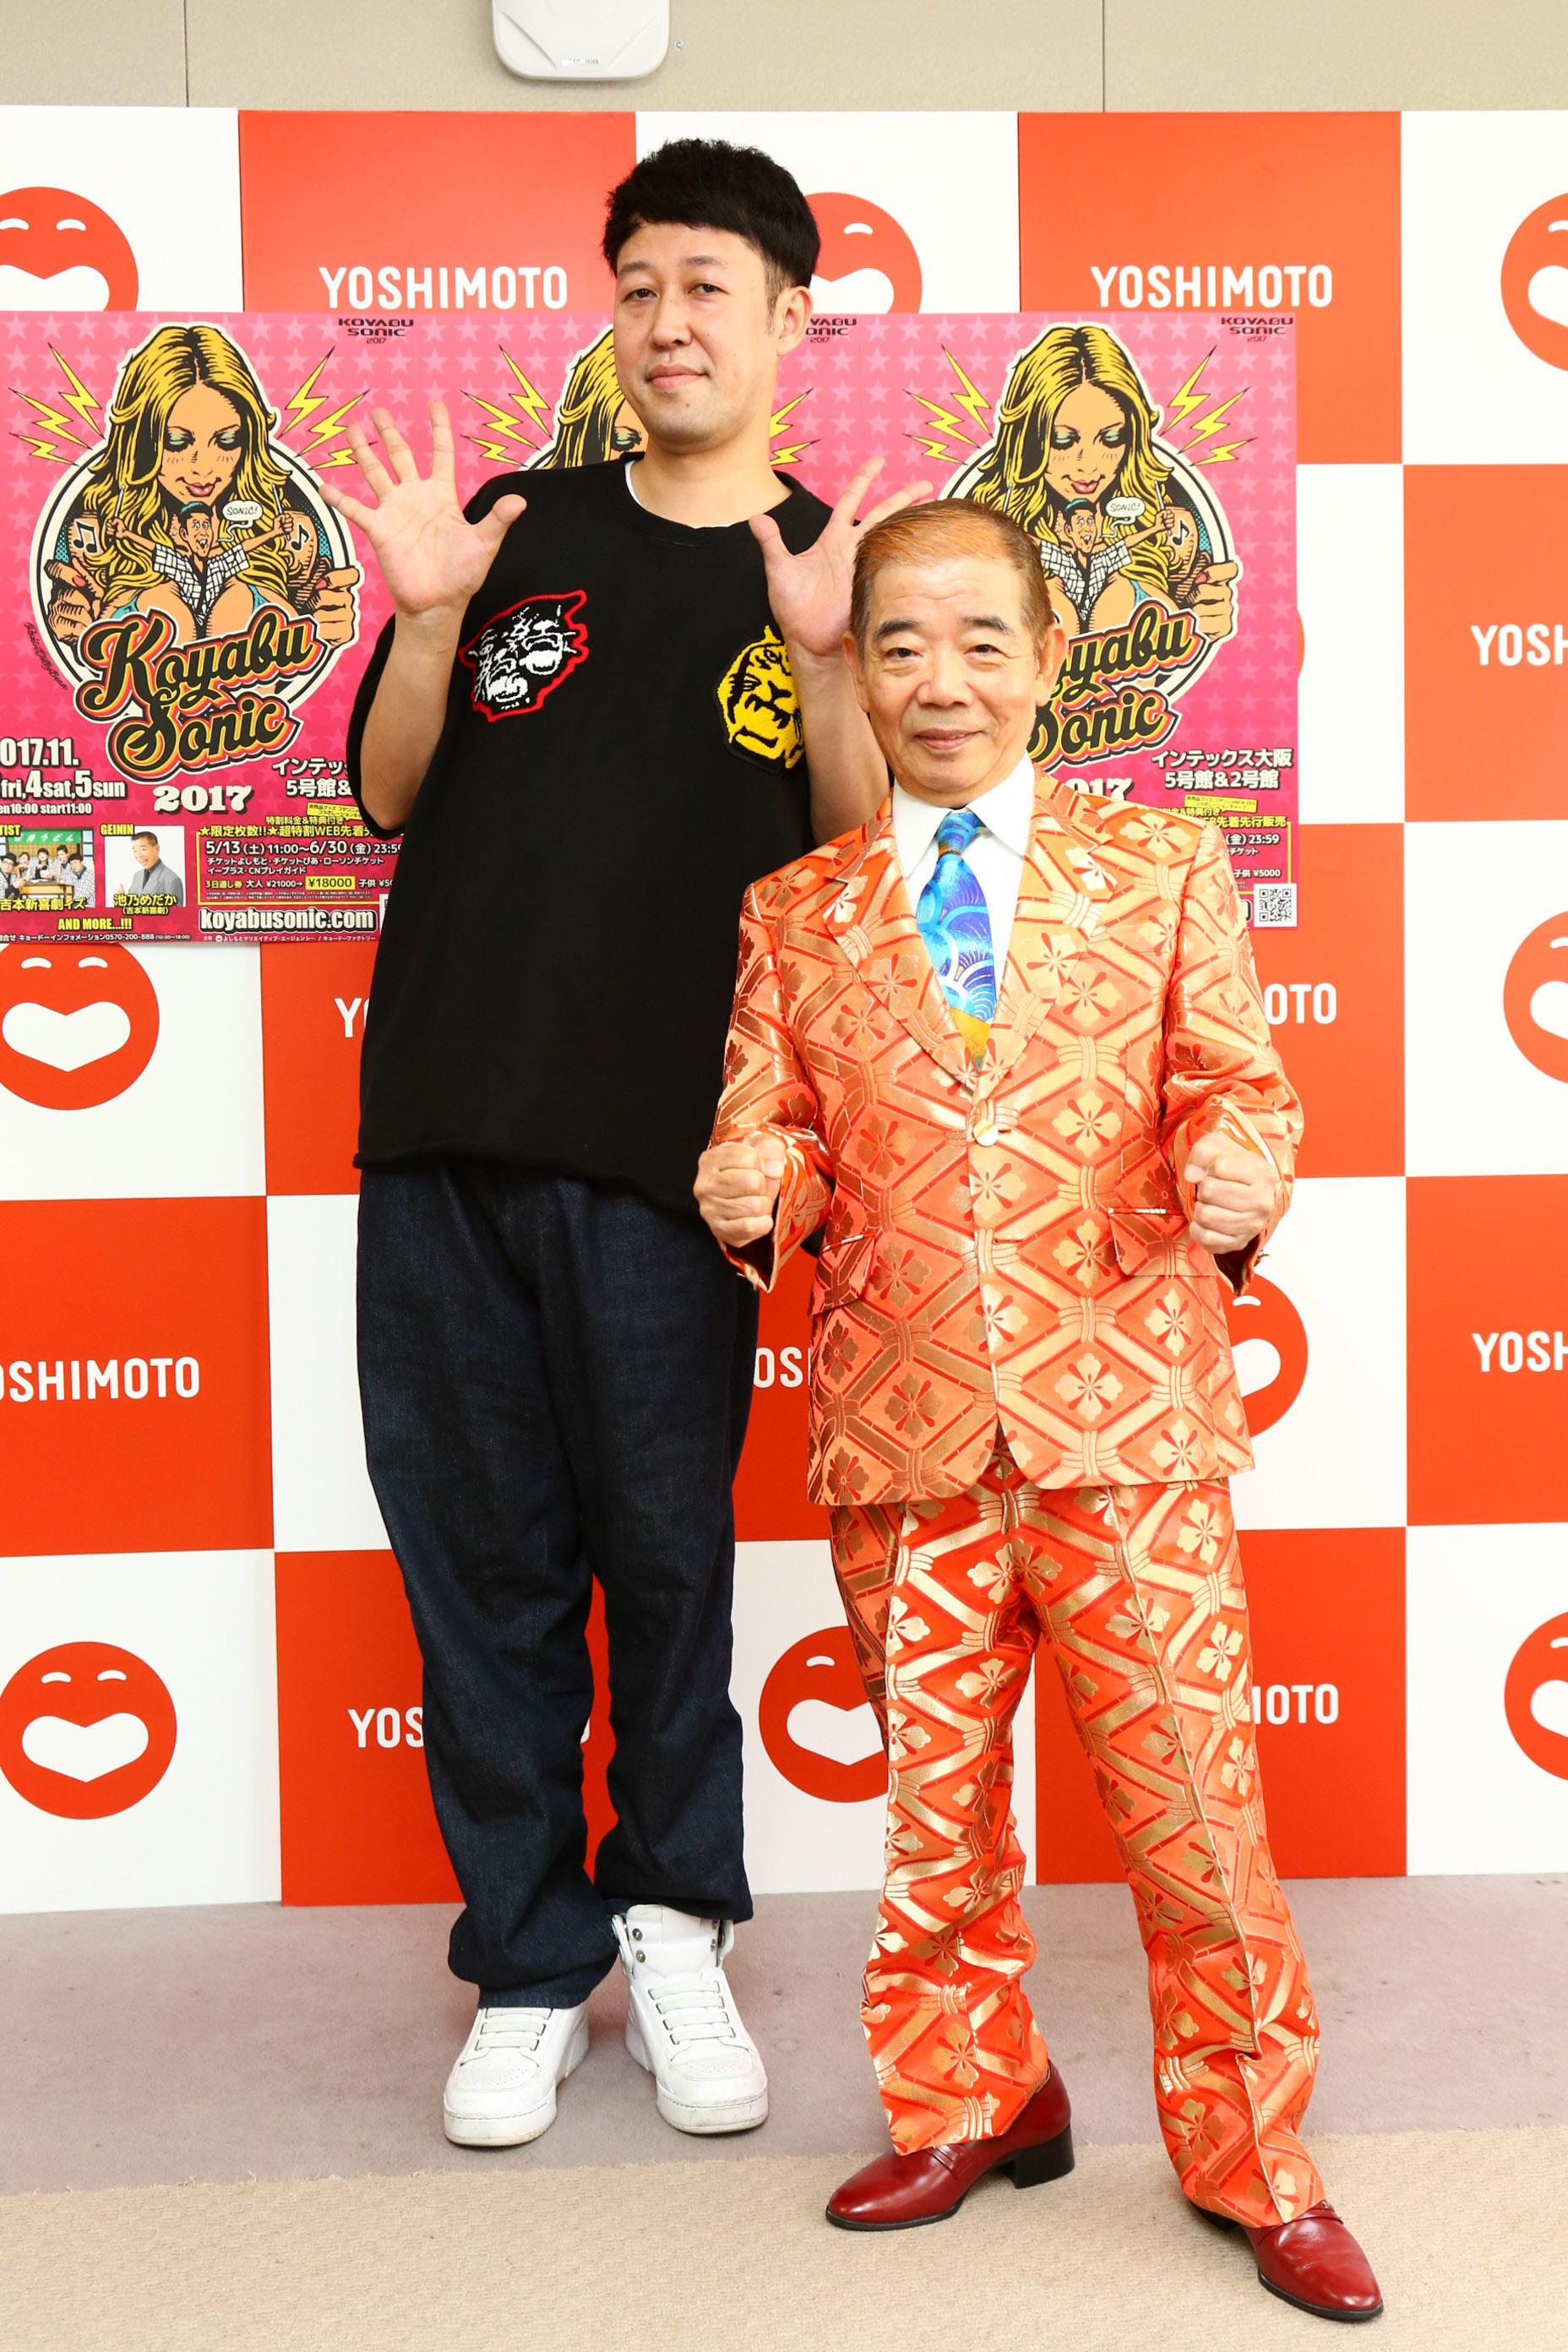 http://news.yoshimoto.co.jp/20170513032521-0d5678653899c4bef6af3d7baaf4f2313412207f.jpg